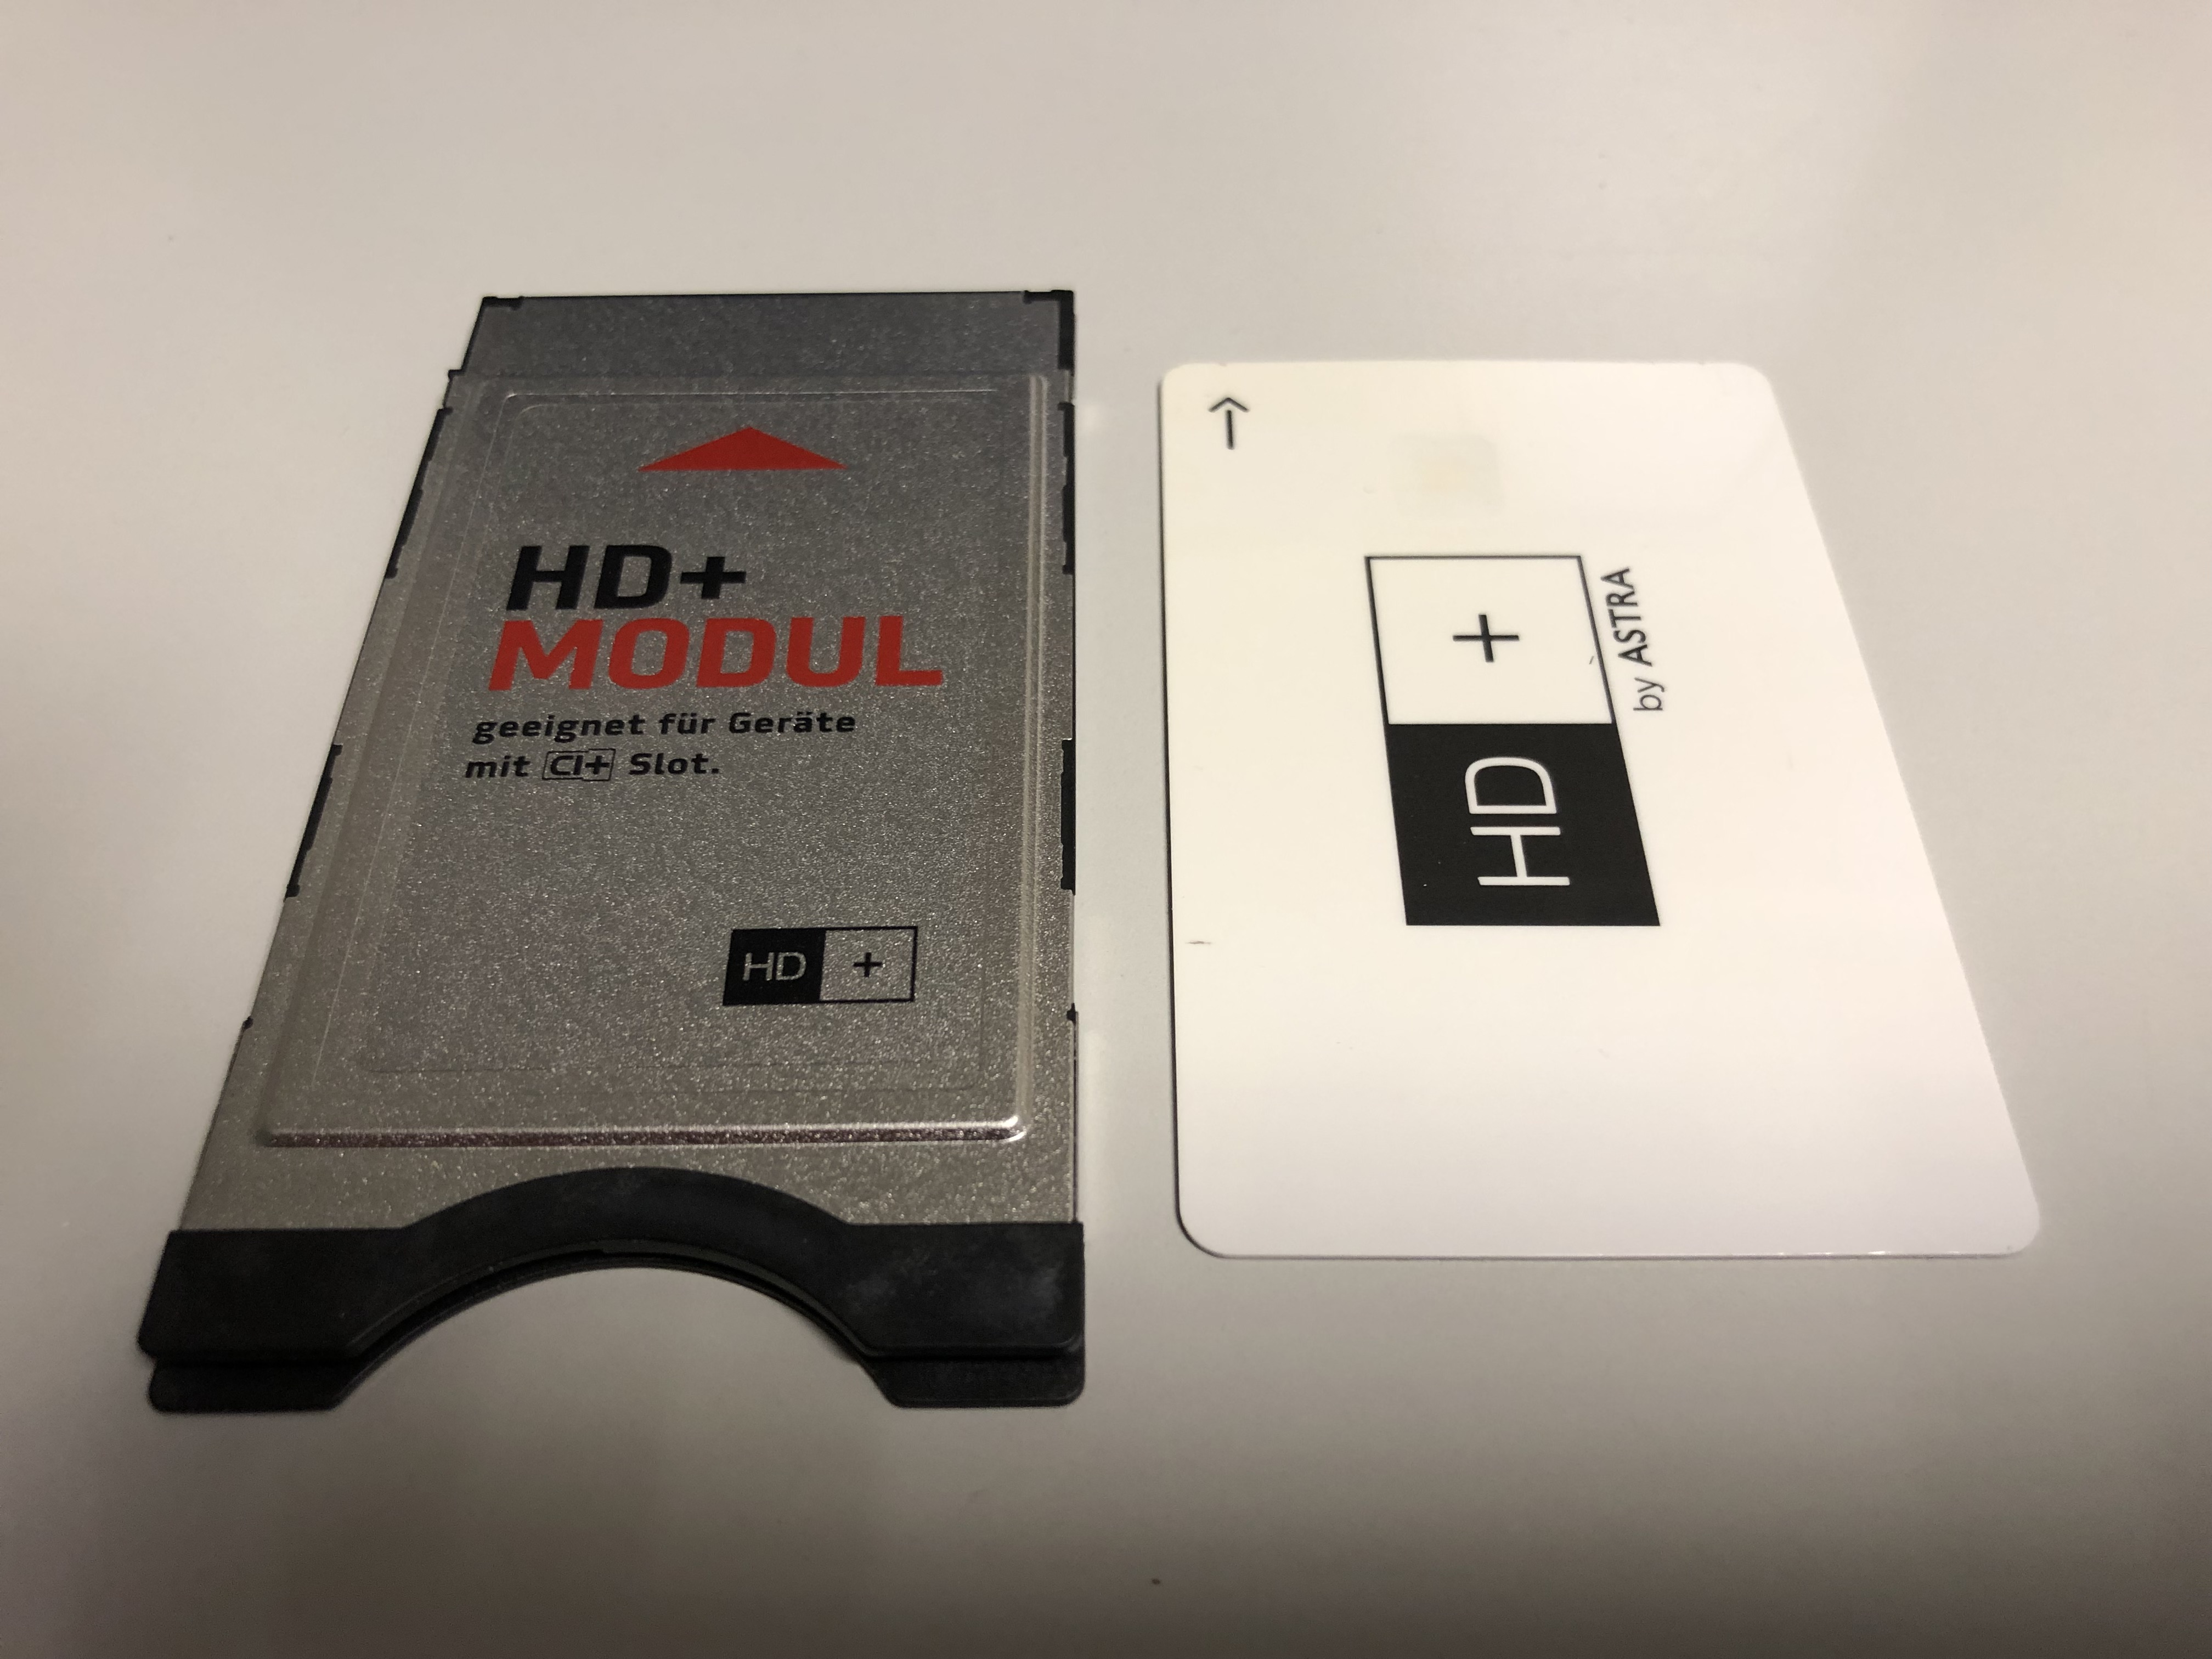 Hd Plus Modul Karte Einsetzen.Gelost Hd Hinweis 124 Samsung Community